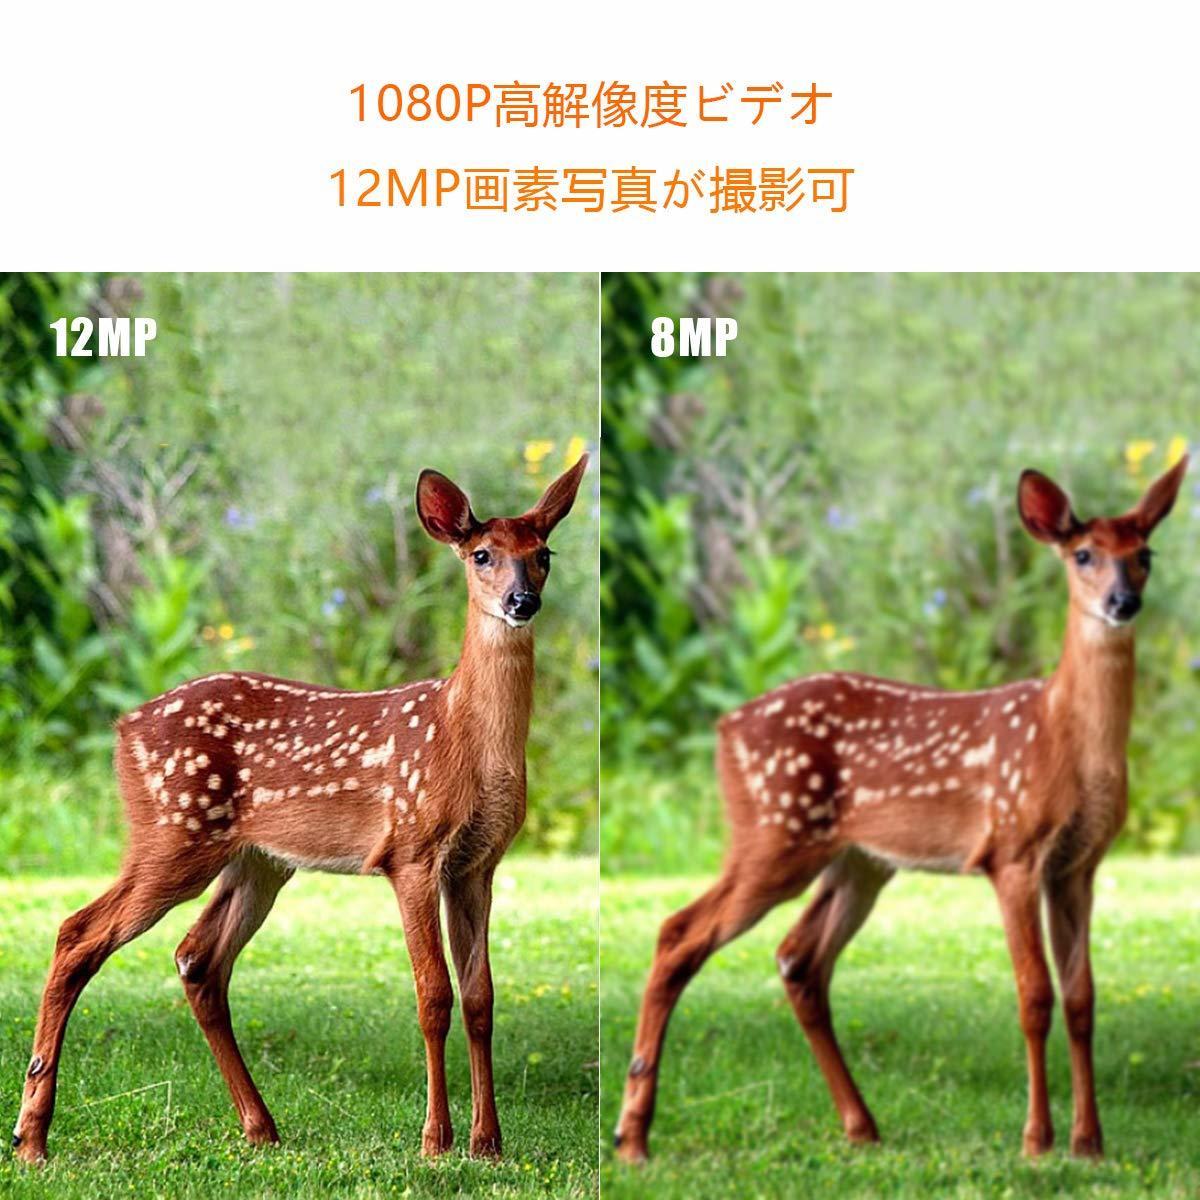 トレイルカメラ 防犯カメラ 暗視カメラ 人感センサー1200万画素 IP56防水 1080P フルHD 動き検知 不可視赤外線LEDライト 日本語説明書_画像6